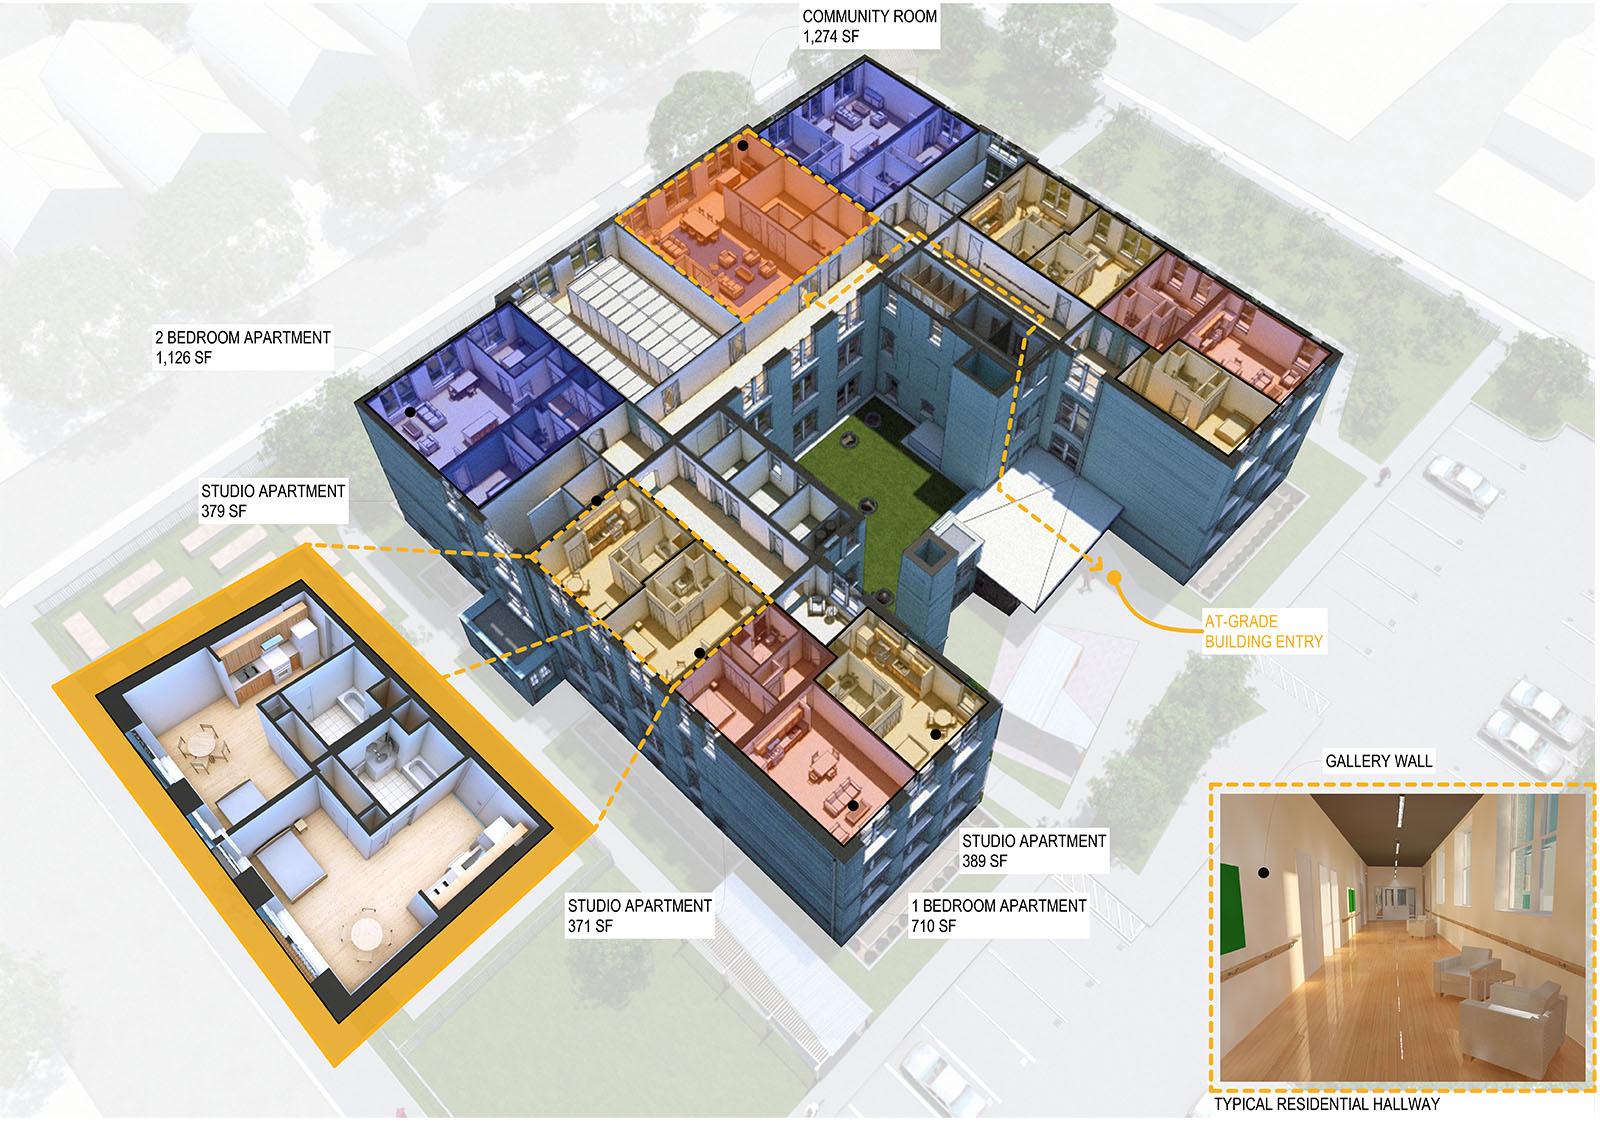 37th Street School rendering